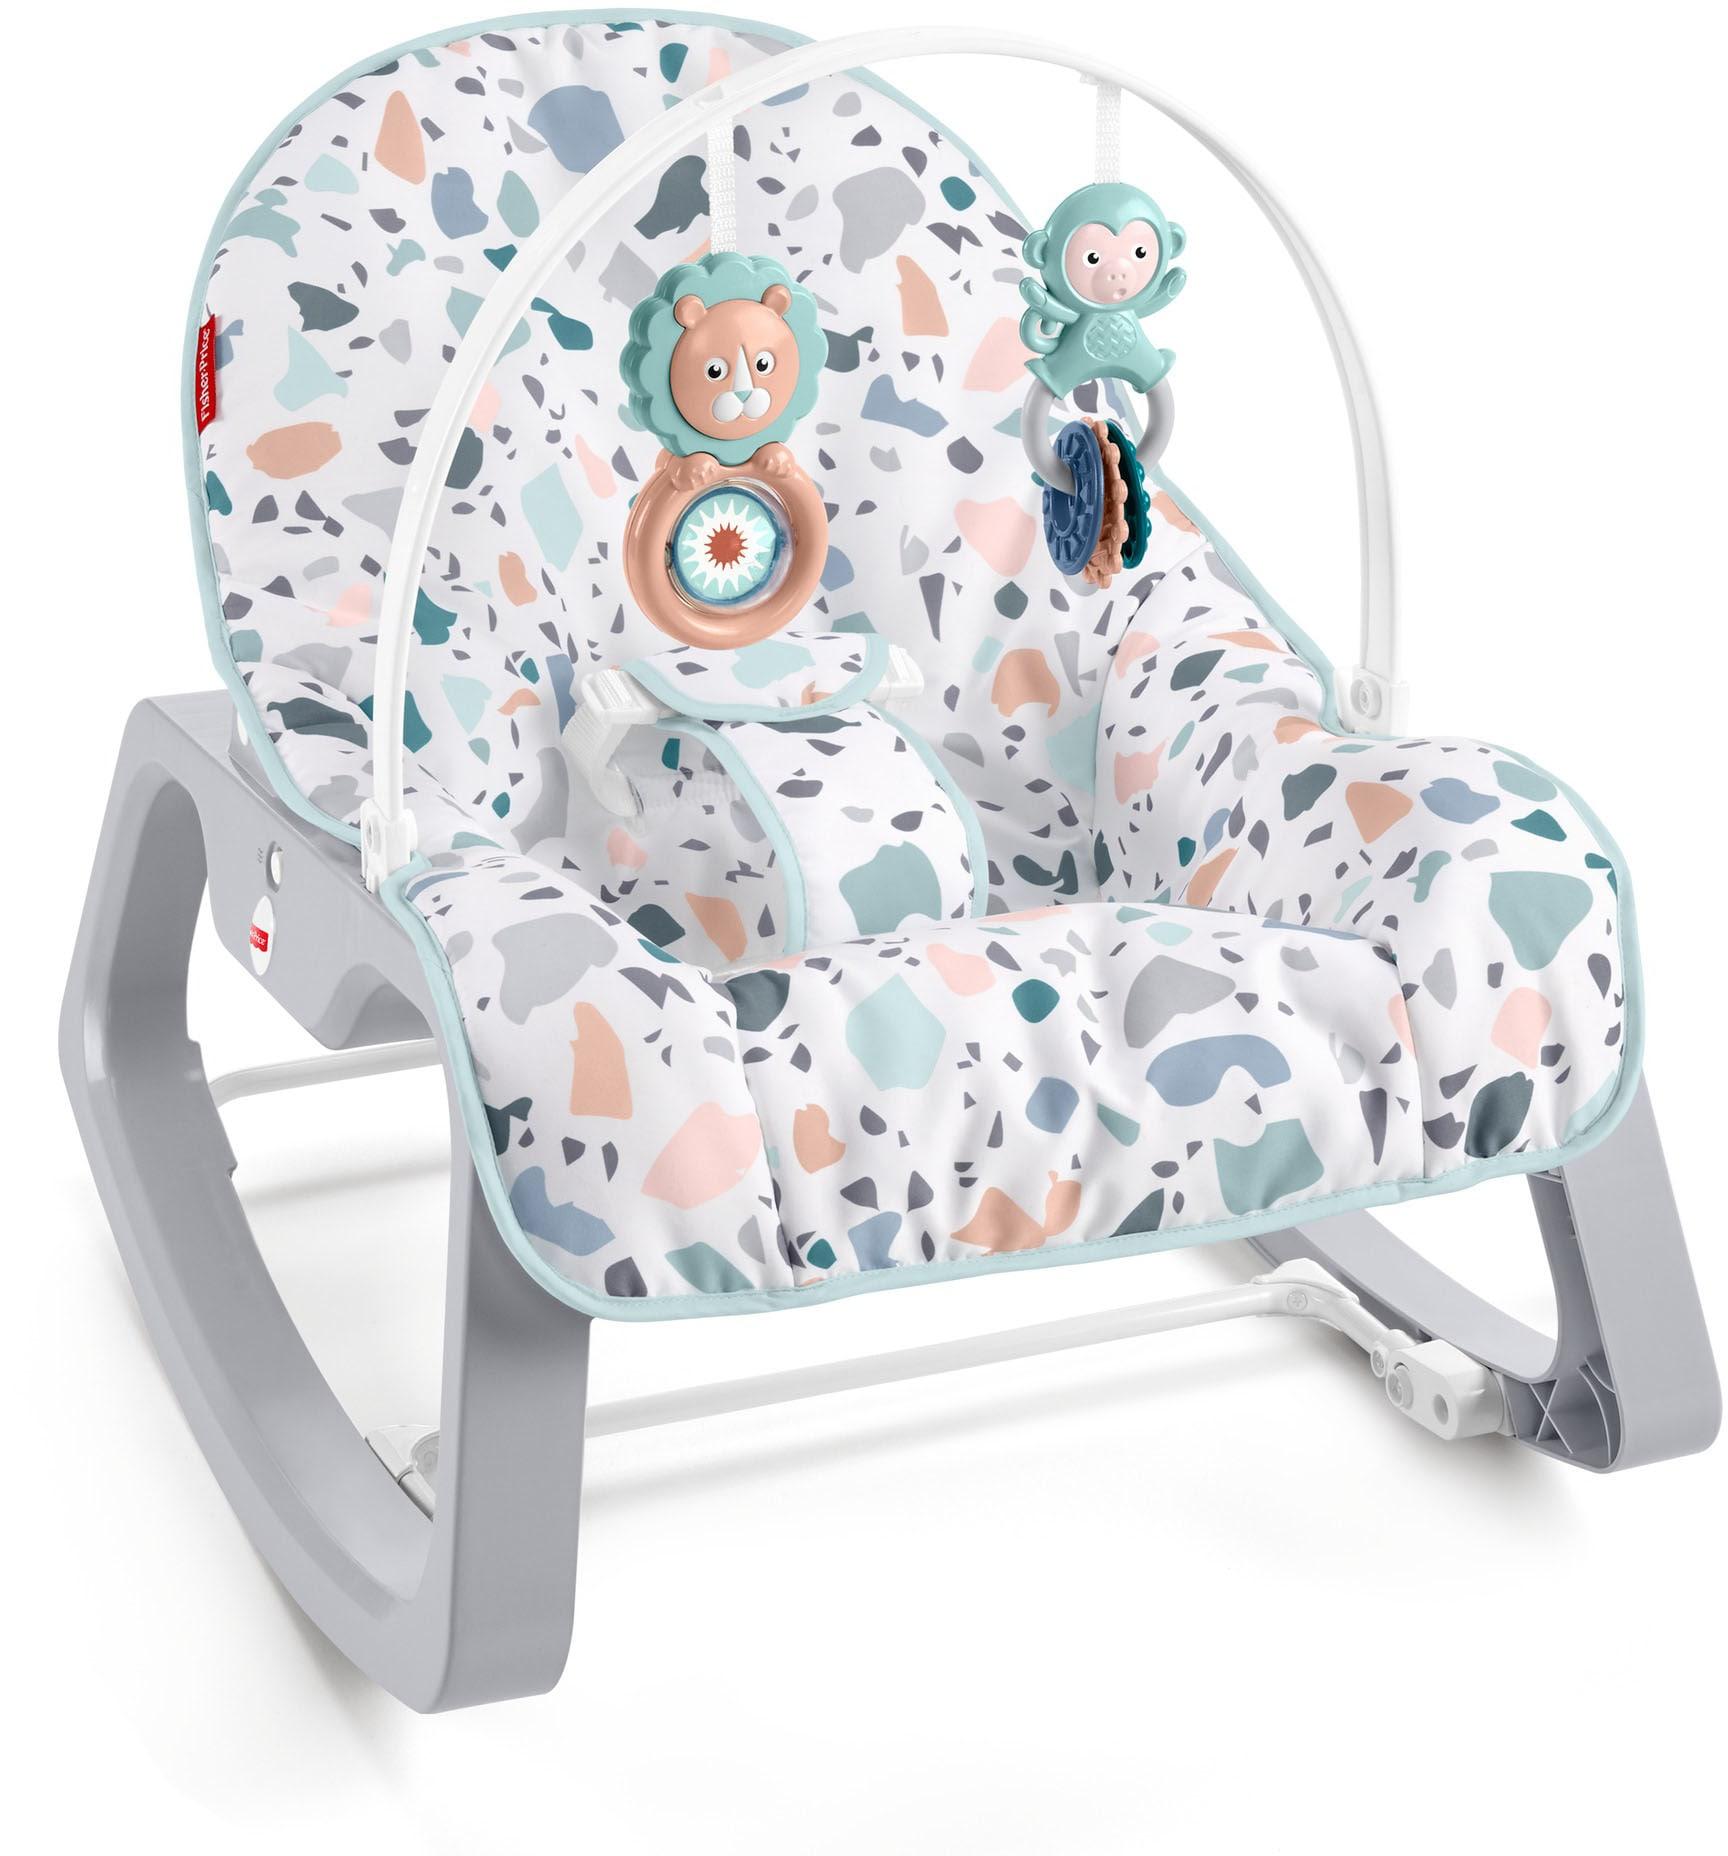 Fisher-Price Babyschaukel Baby Schaukelsitz bunt Schaukel Wippen Outdoor-Spielzeug Babywippen